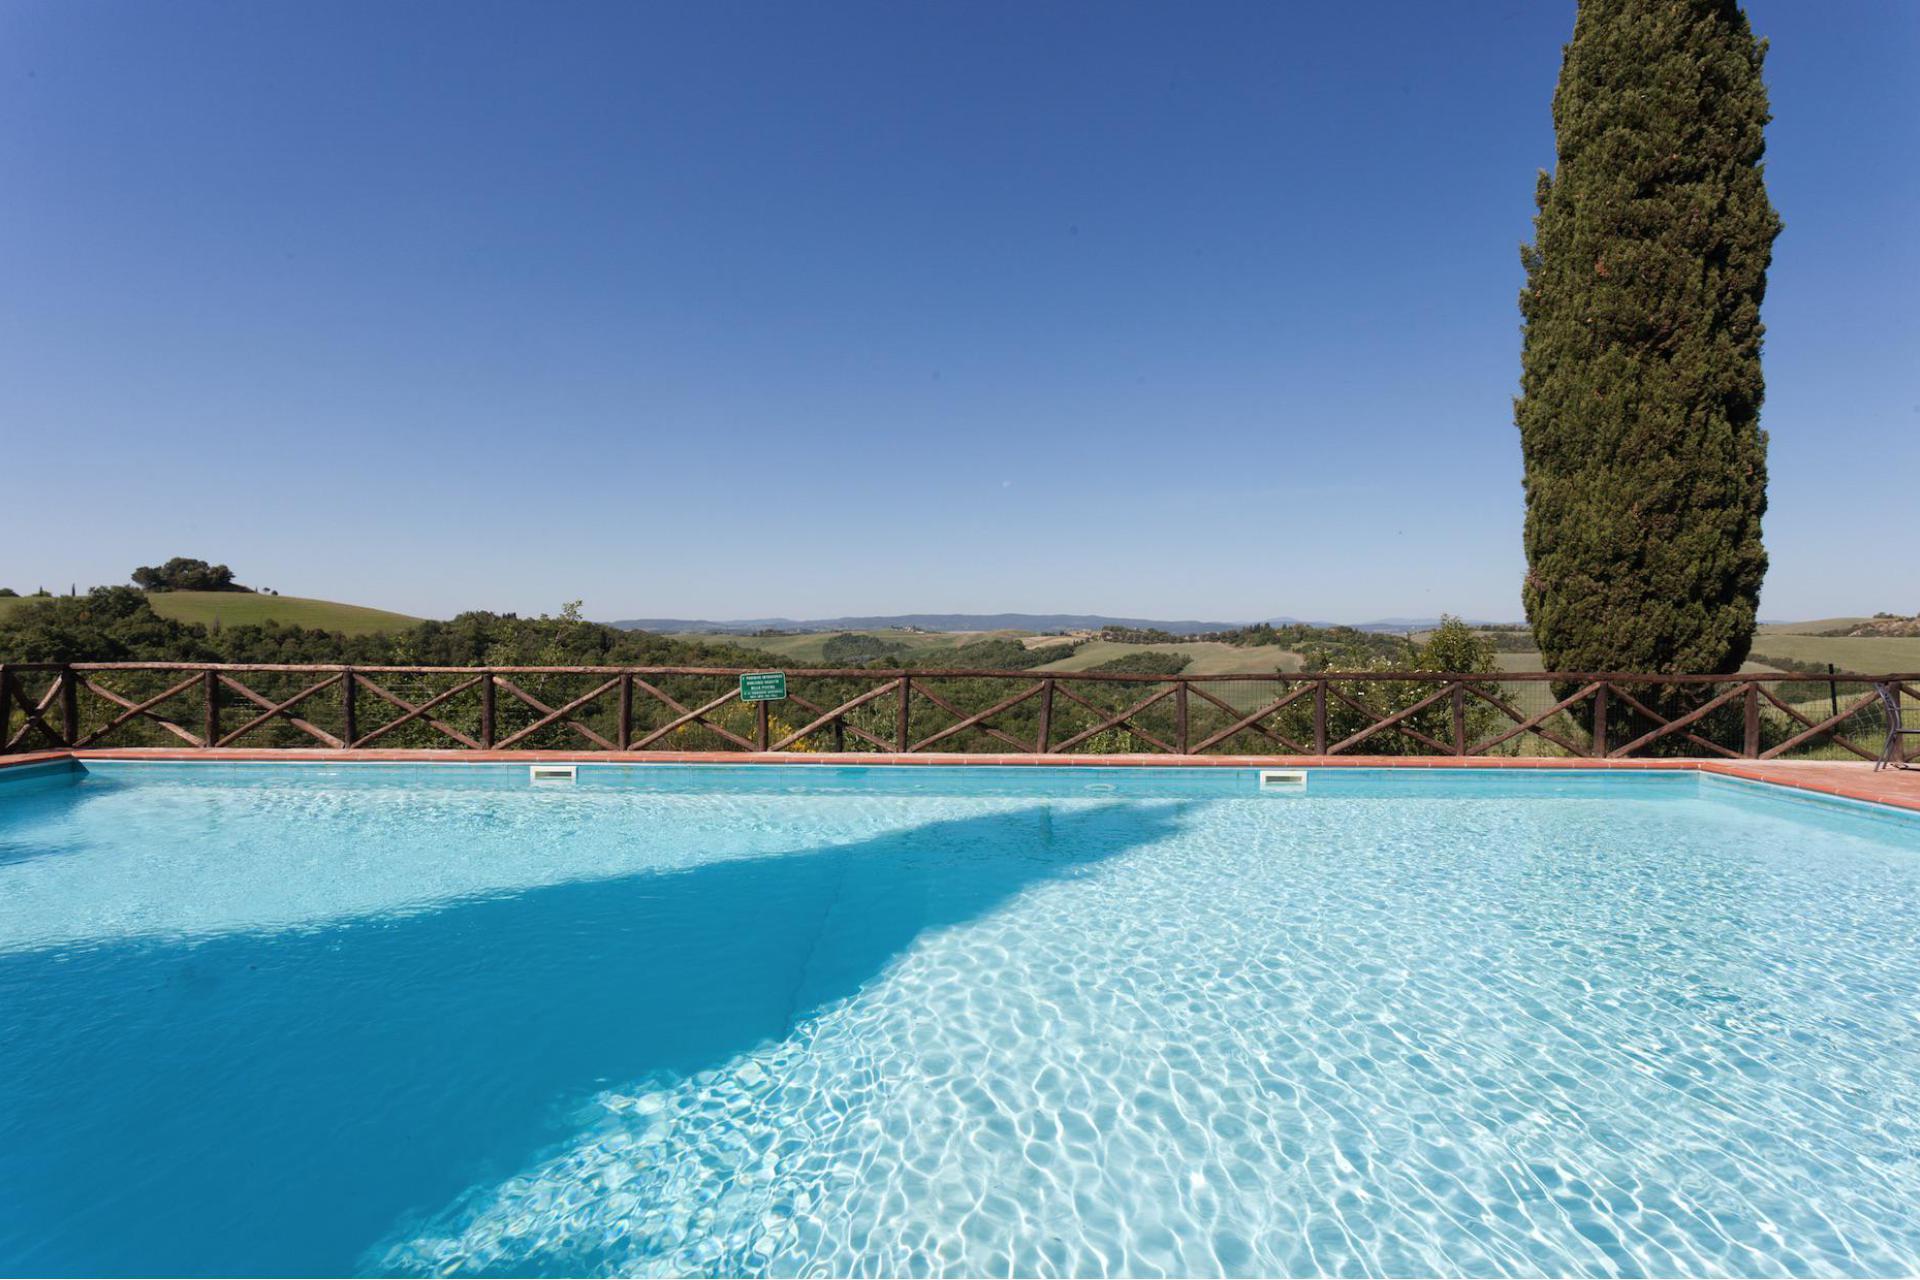 Agriturismo Toscane Appartementen bij Siena mét zwembad en groot speelveld | myitaly.nl